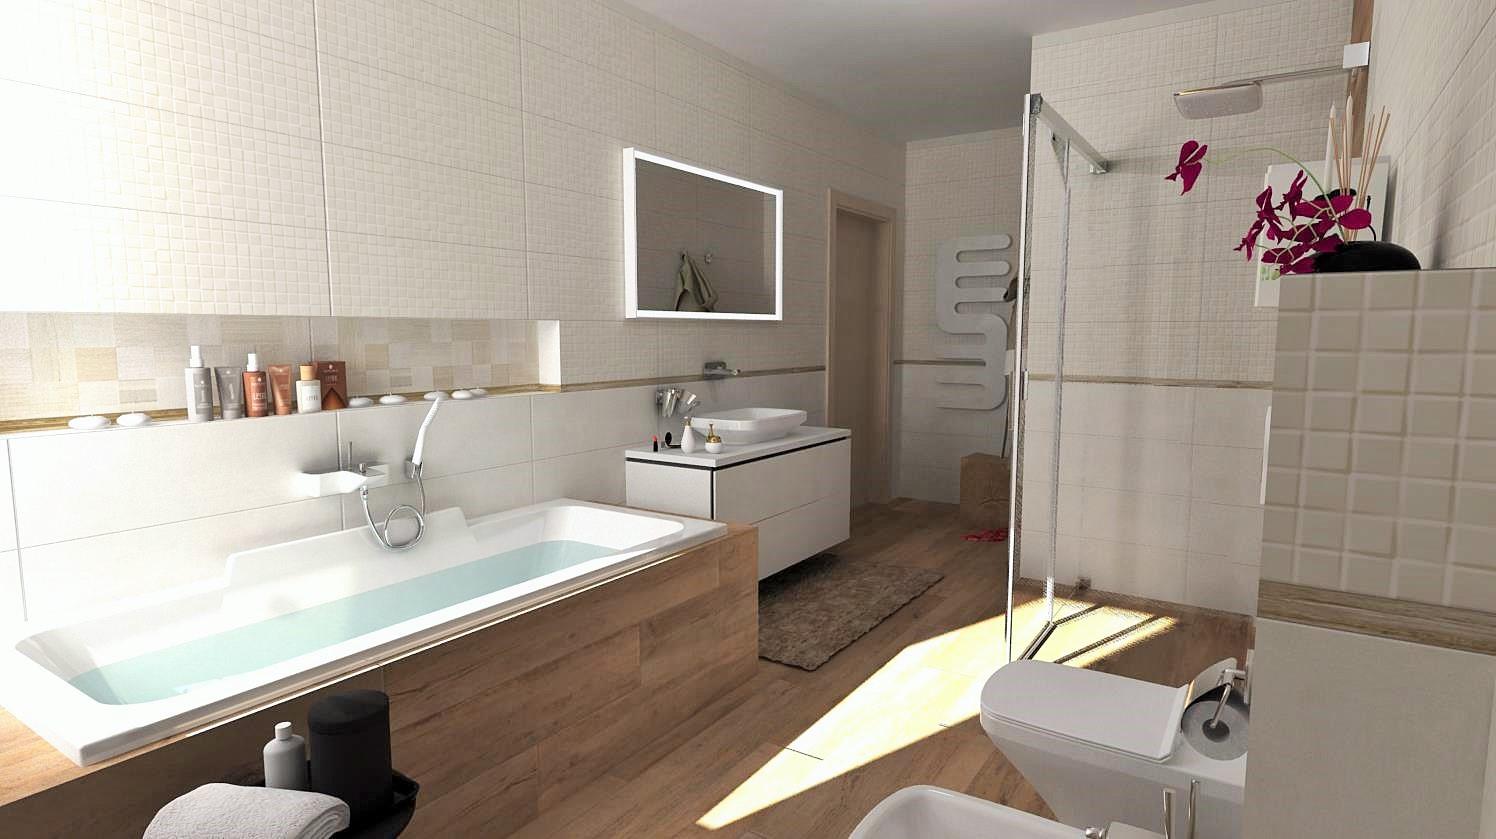 Vizualizácie kúpeľní - Alternatívne riešenie obkladov - vizualizácia - www.modernekupelne.sk/navrhy-kupelni